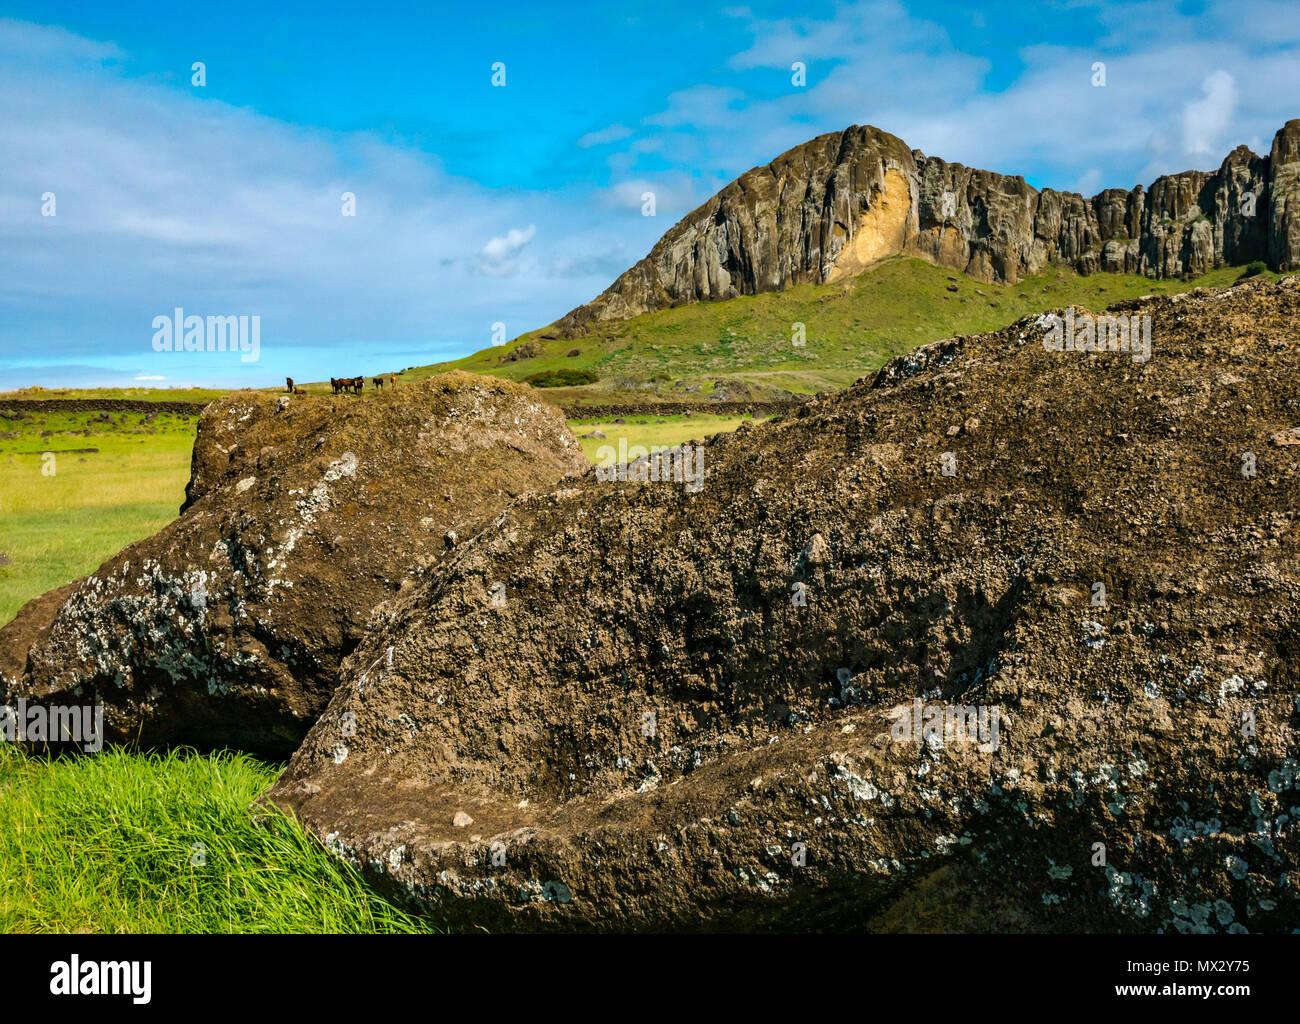 Tombé tête Moai, Tongariki site archéologique avec l'abrupte falaise de cratère de volcan Rano Raraku, le site de la carrière de Moai Head, île de Pâques, Chili Photo Stock